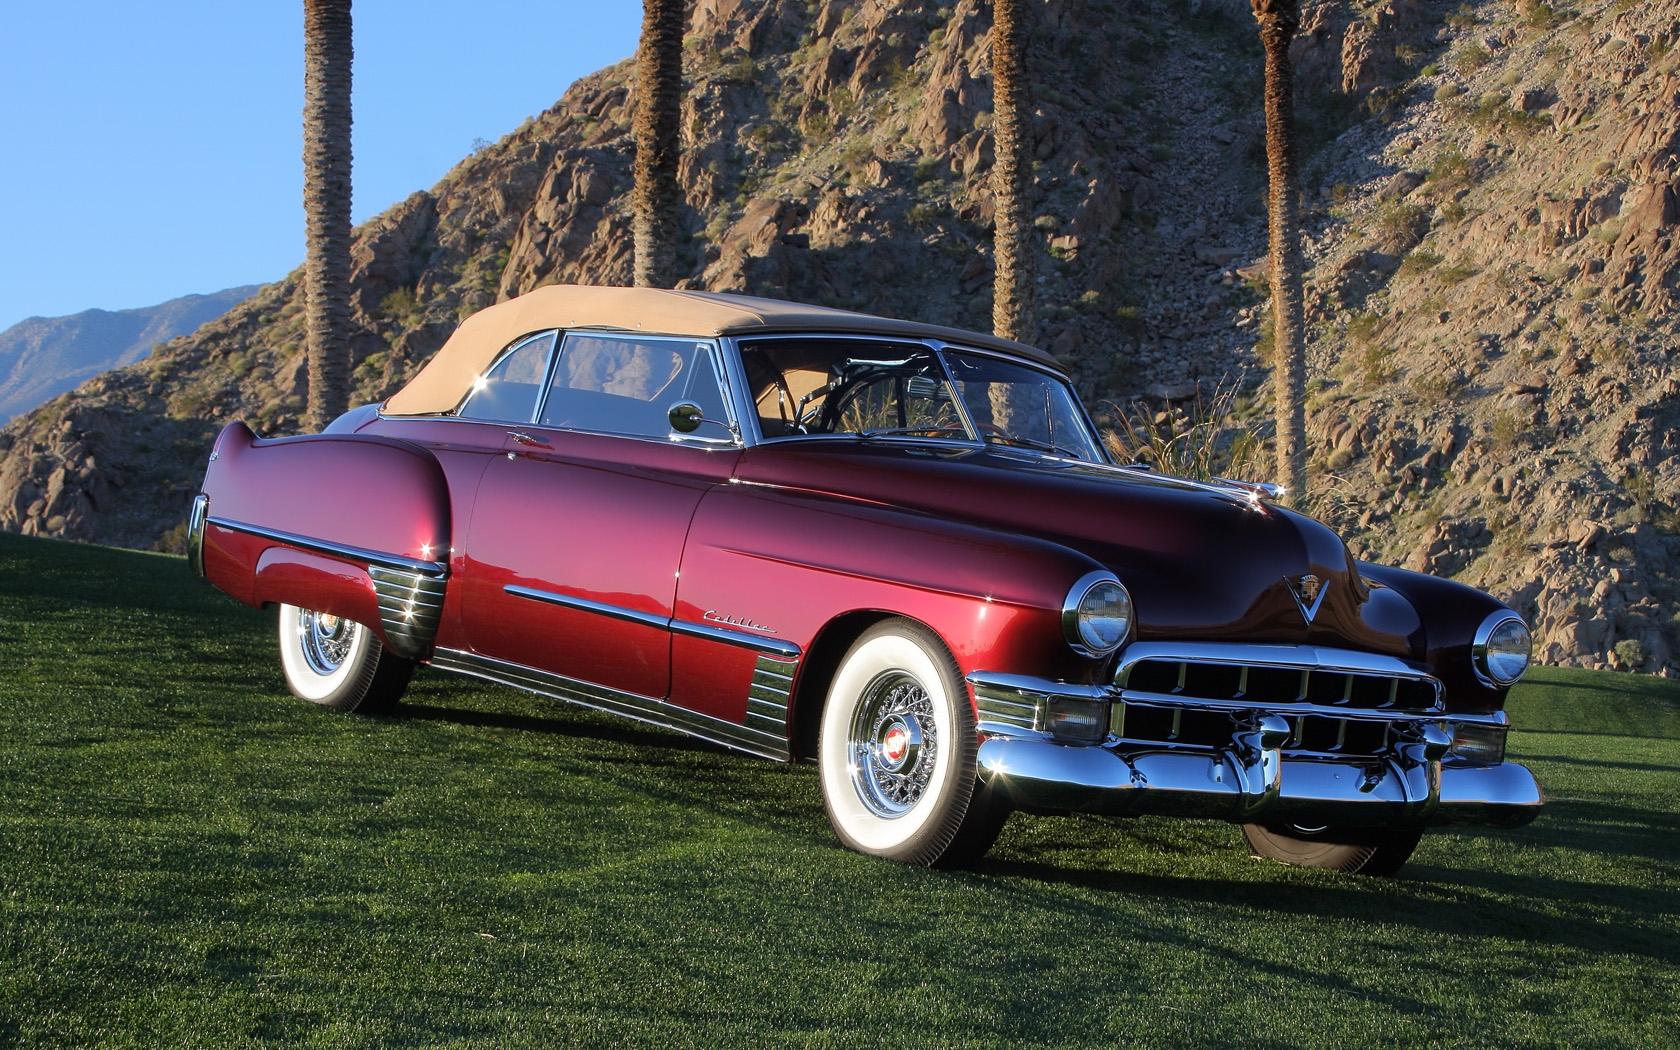 1946 Cadillac Series 62 Convertible